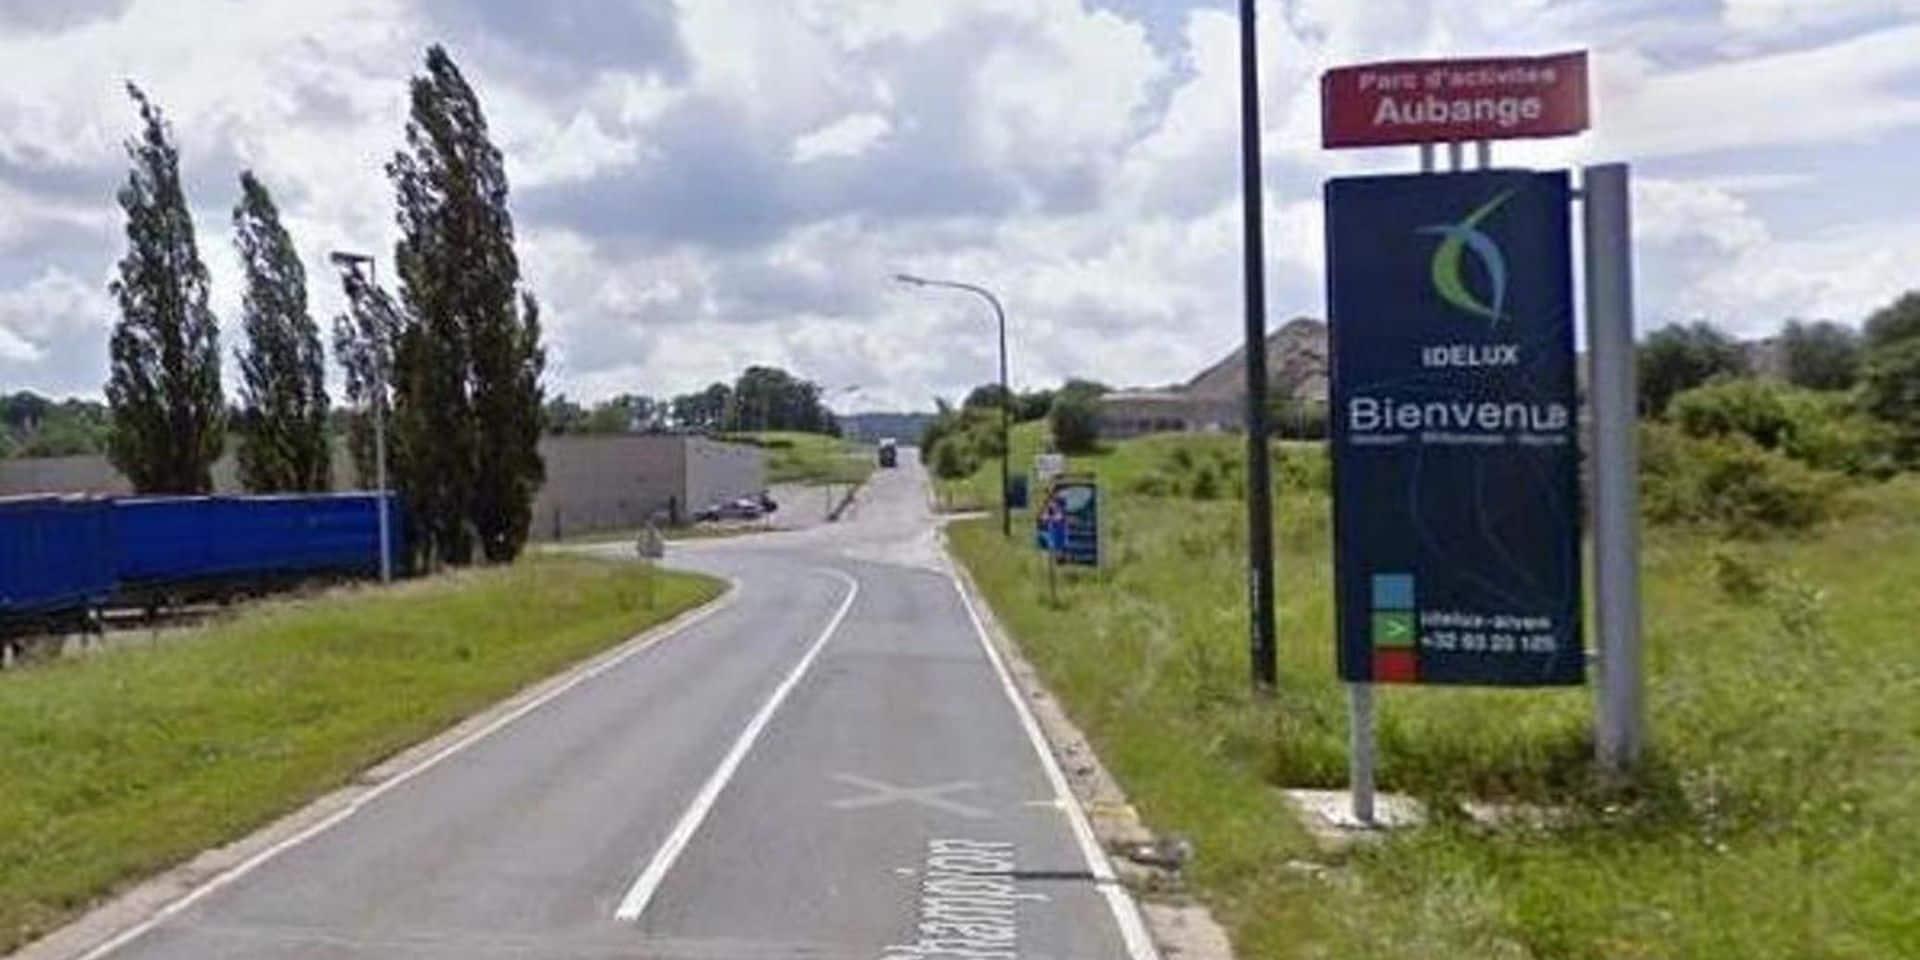 Accident à Aubange: deux blessés